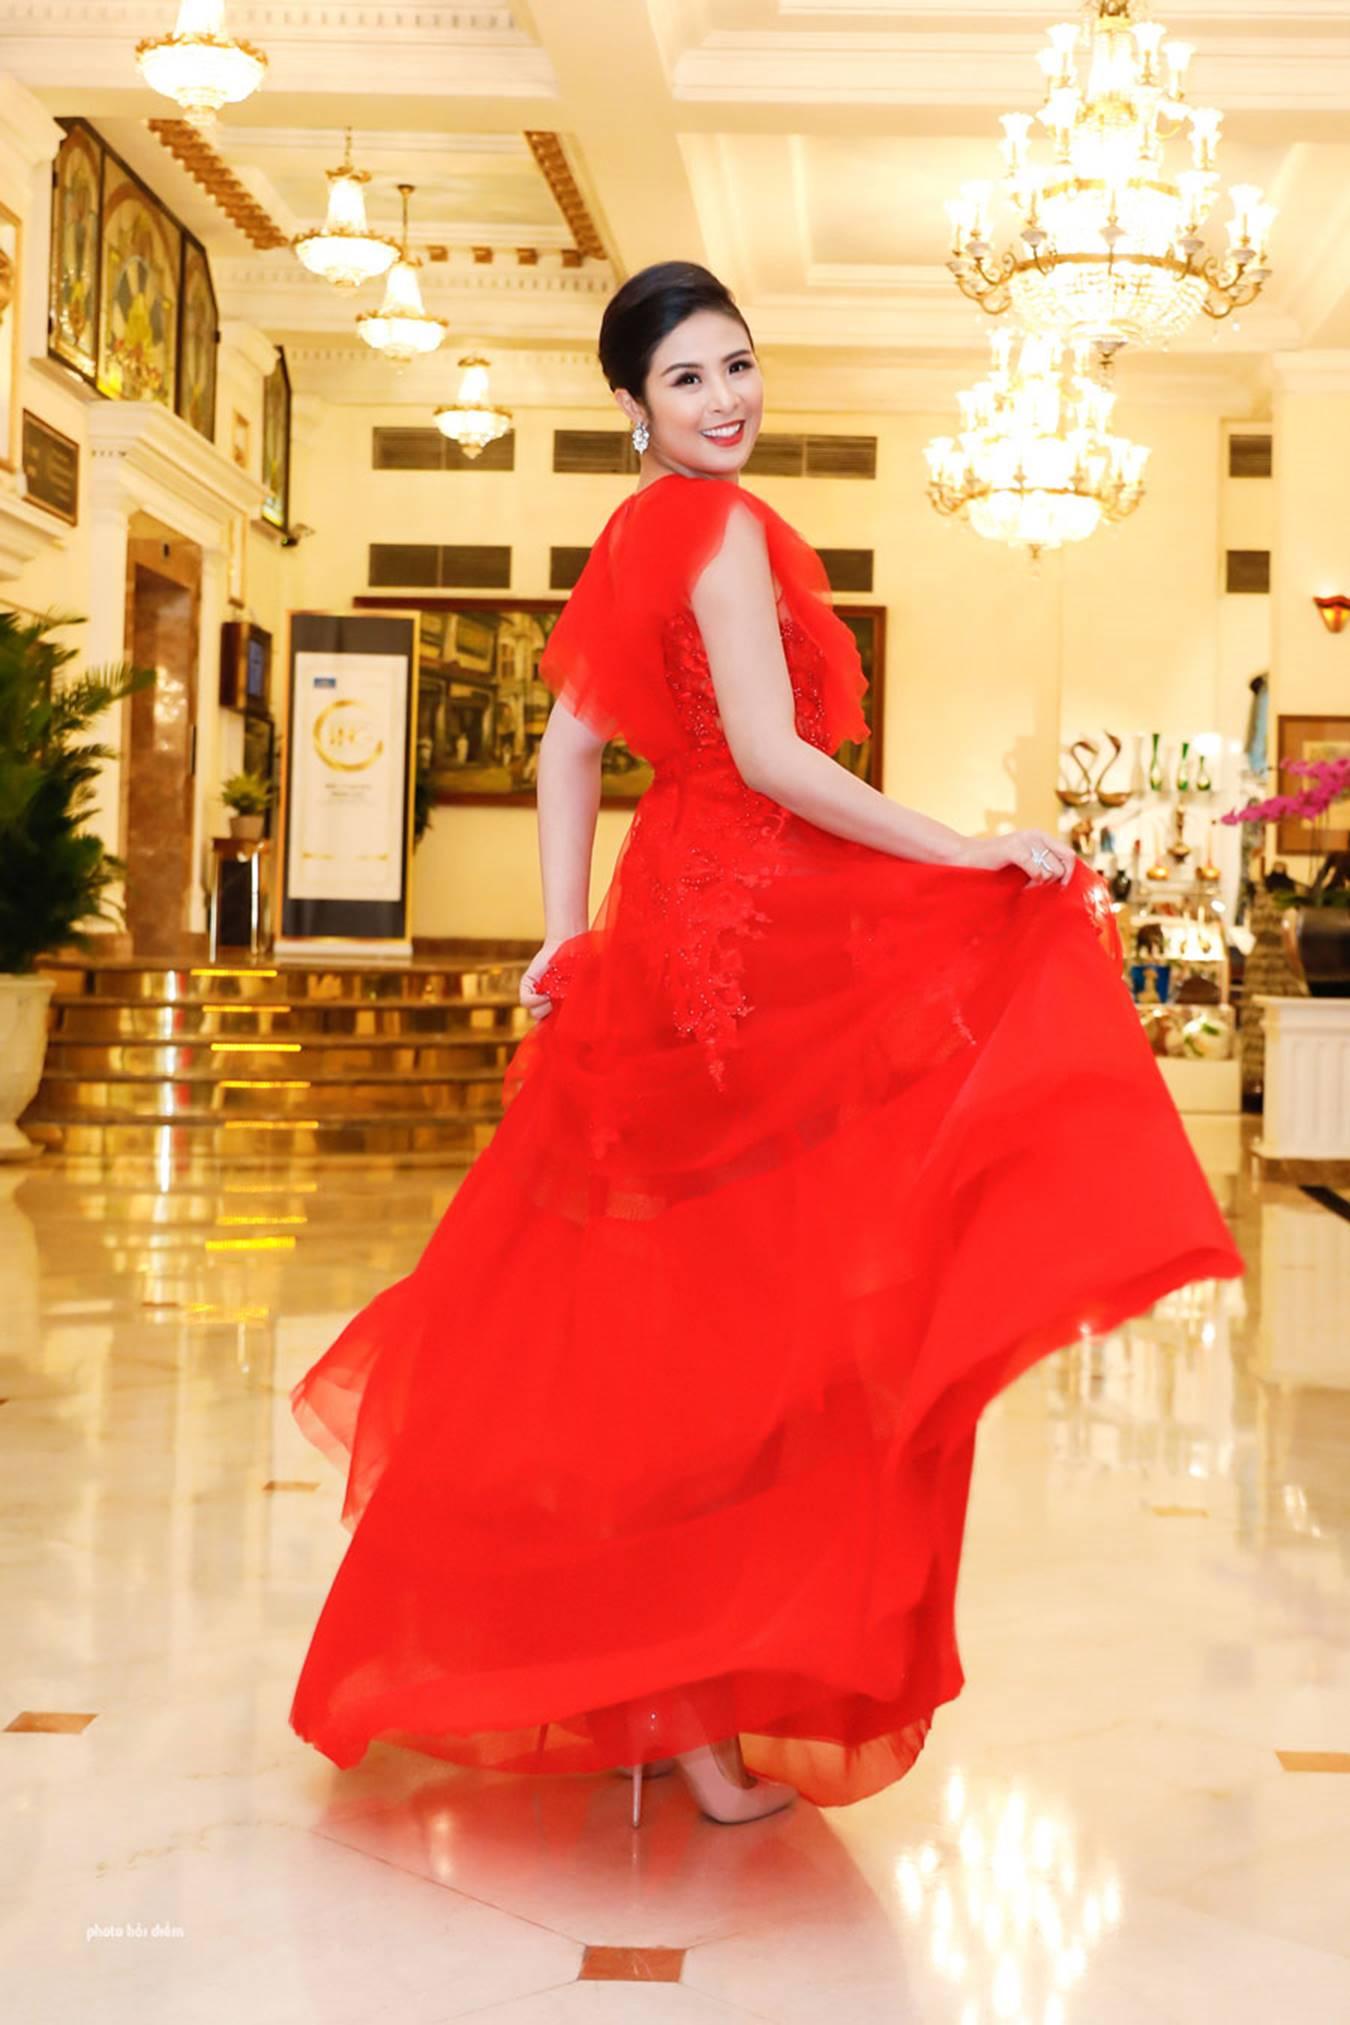 Hoa hậu Đỗ Mỹ Linh tái xuất gợi cảm sau khi trao lại vương miện-7